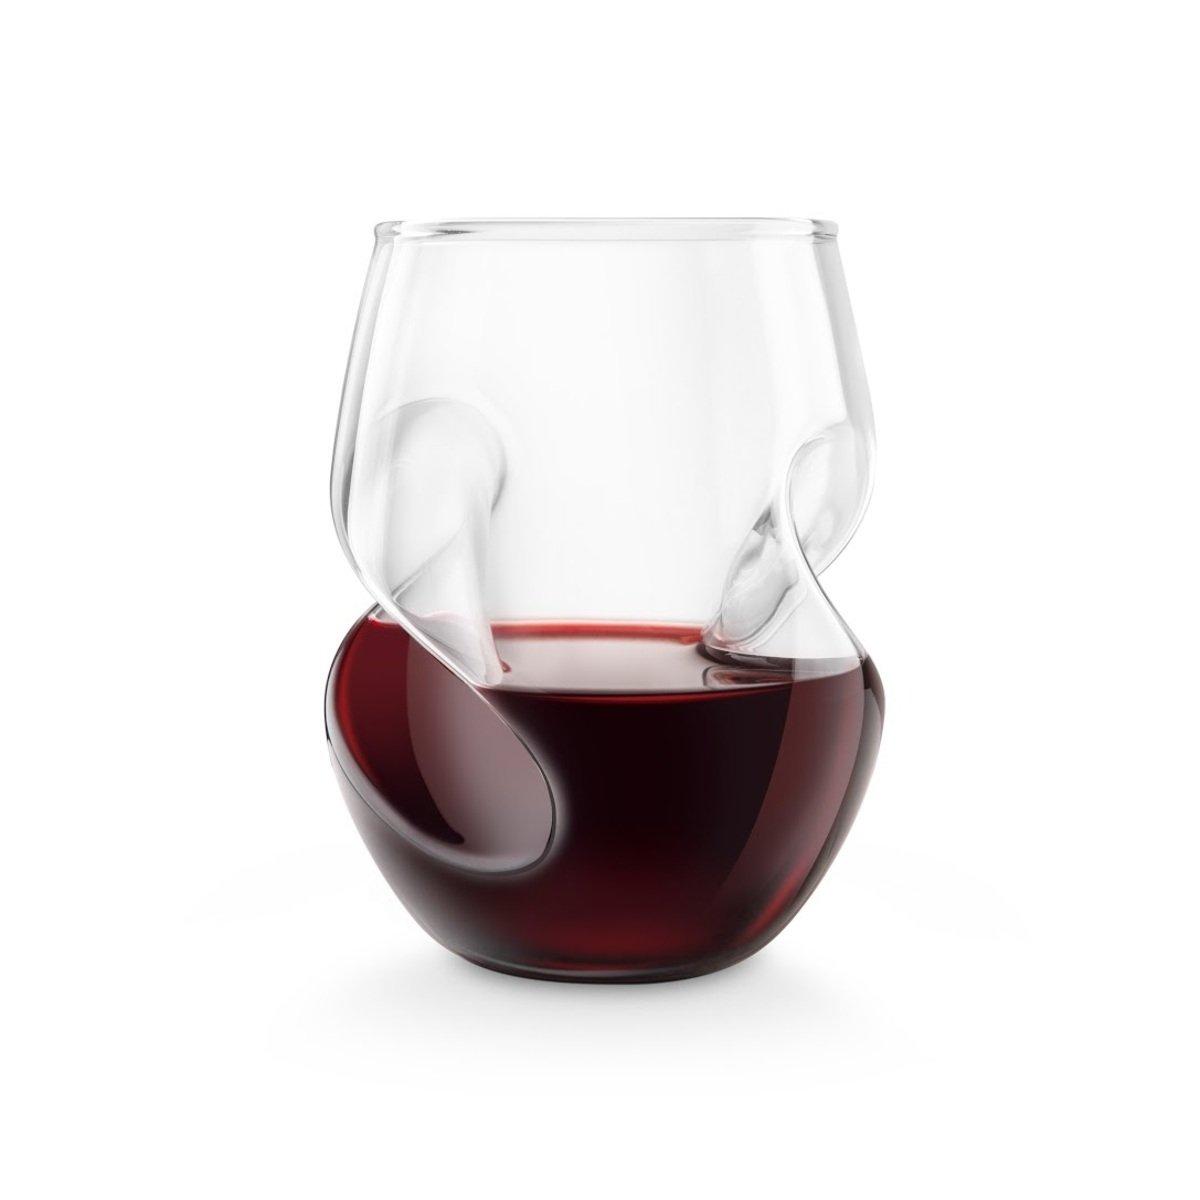 扭紋形紅酒杯 - 4 個紅酒杯